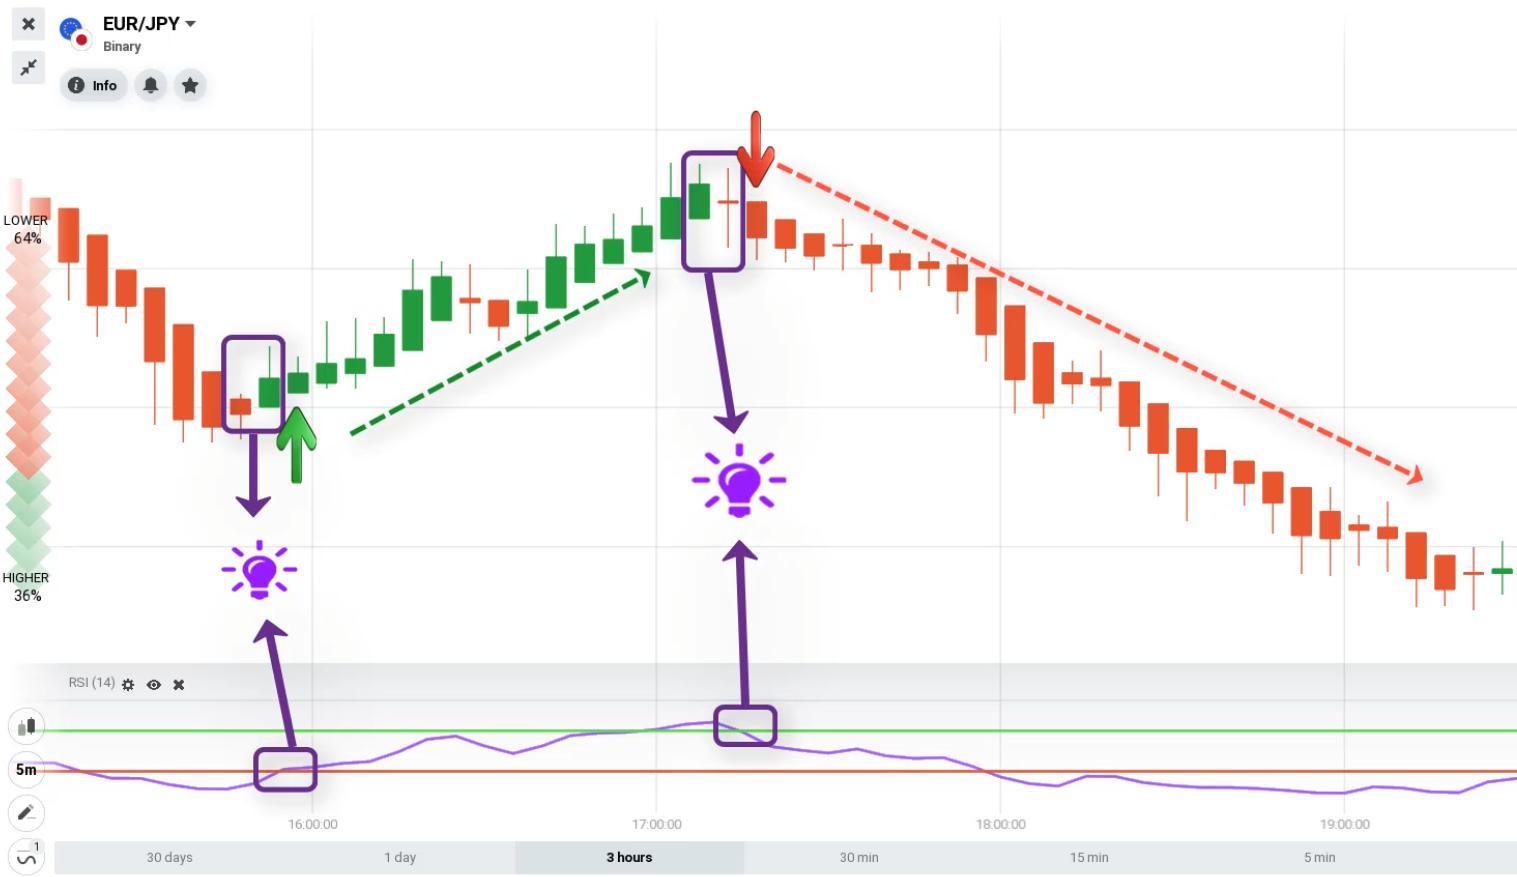 استراتژی معاملاتی با استفاده از RSI همراه با نمودار شمعدان هایکن آشی